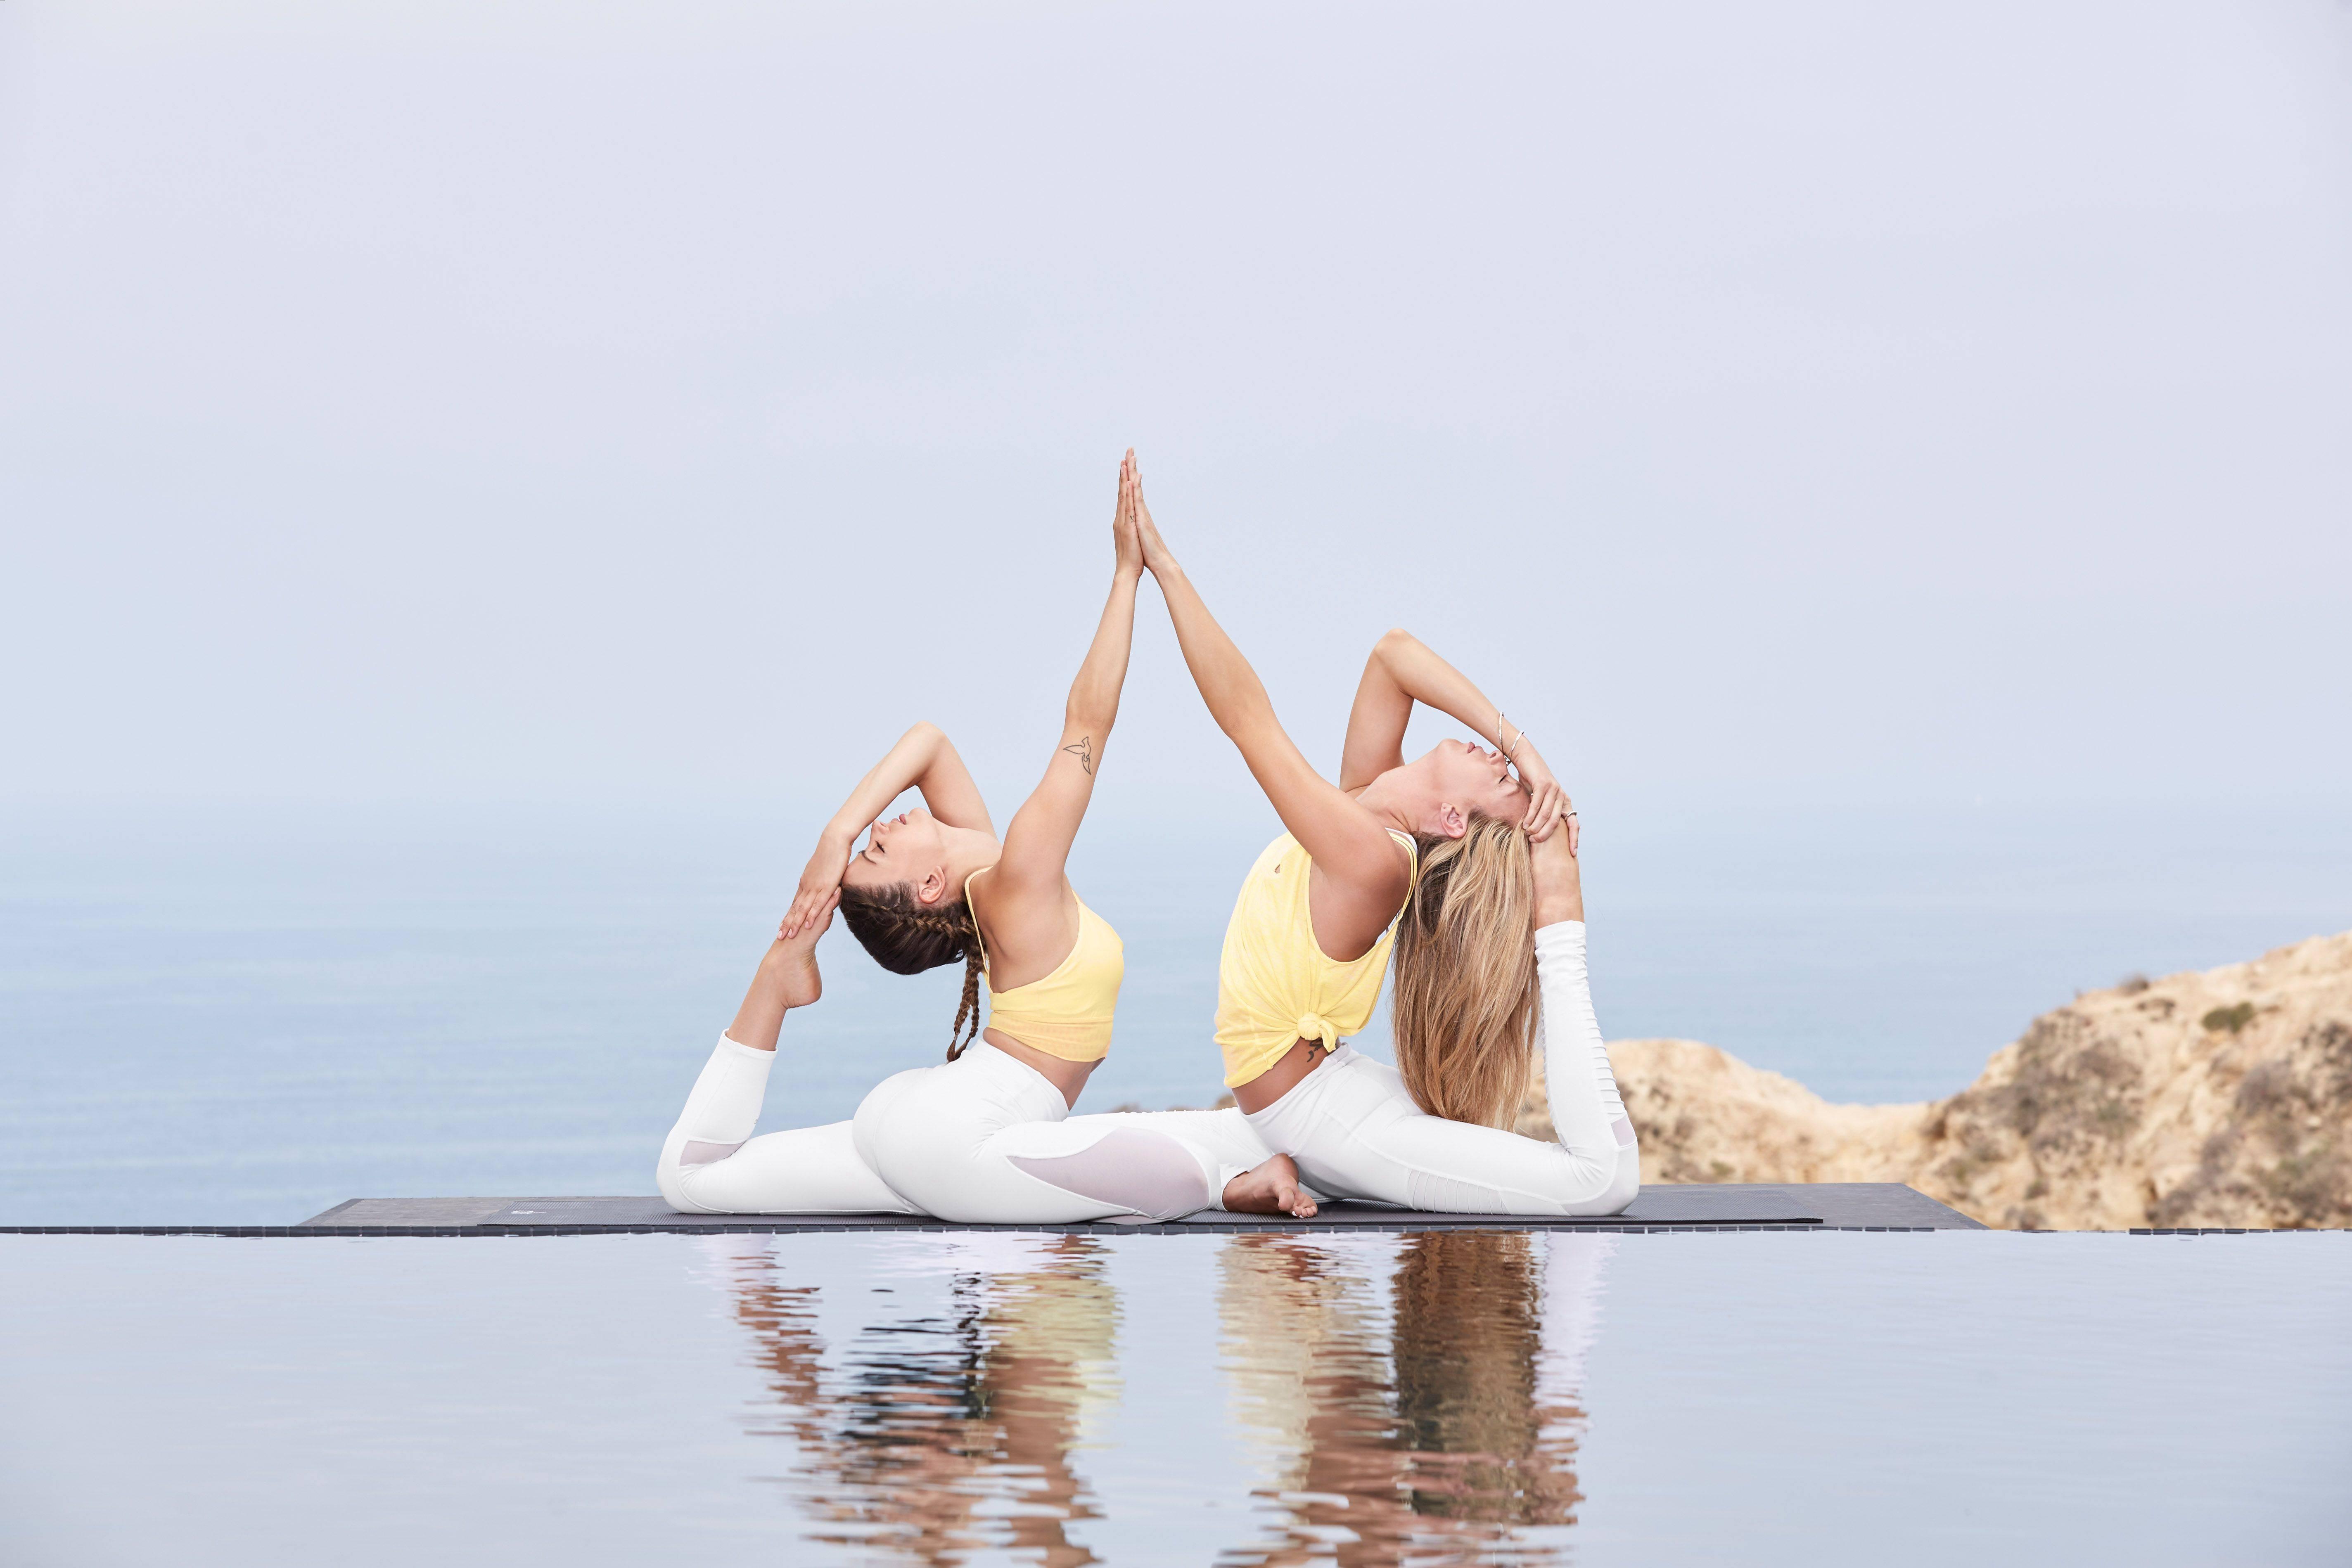 Йога для начинающих: особенности упражнений и рекомендации по их выполнению